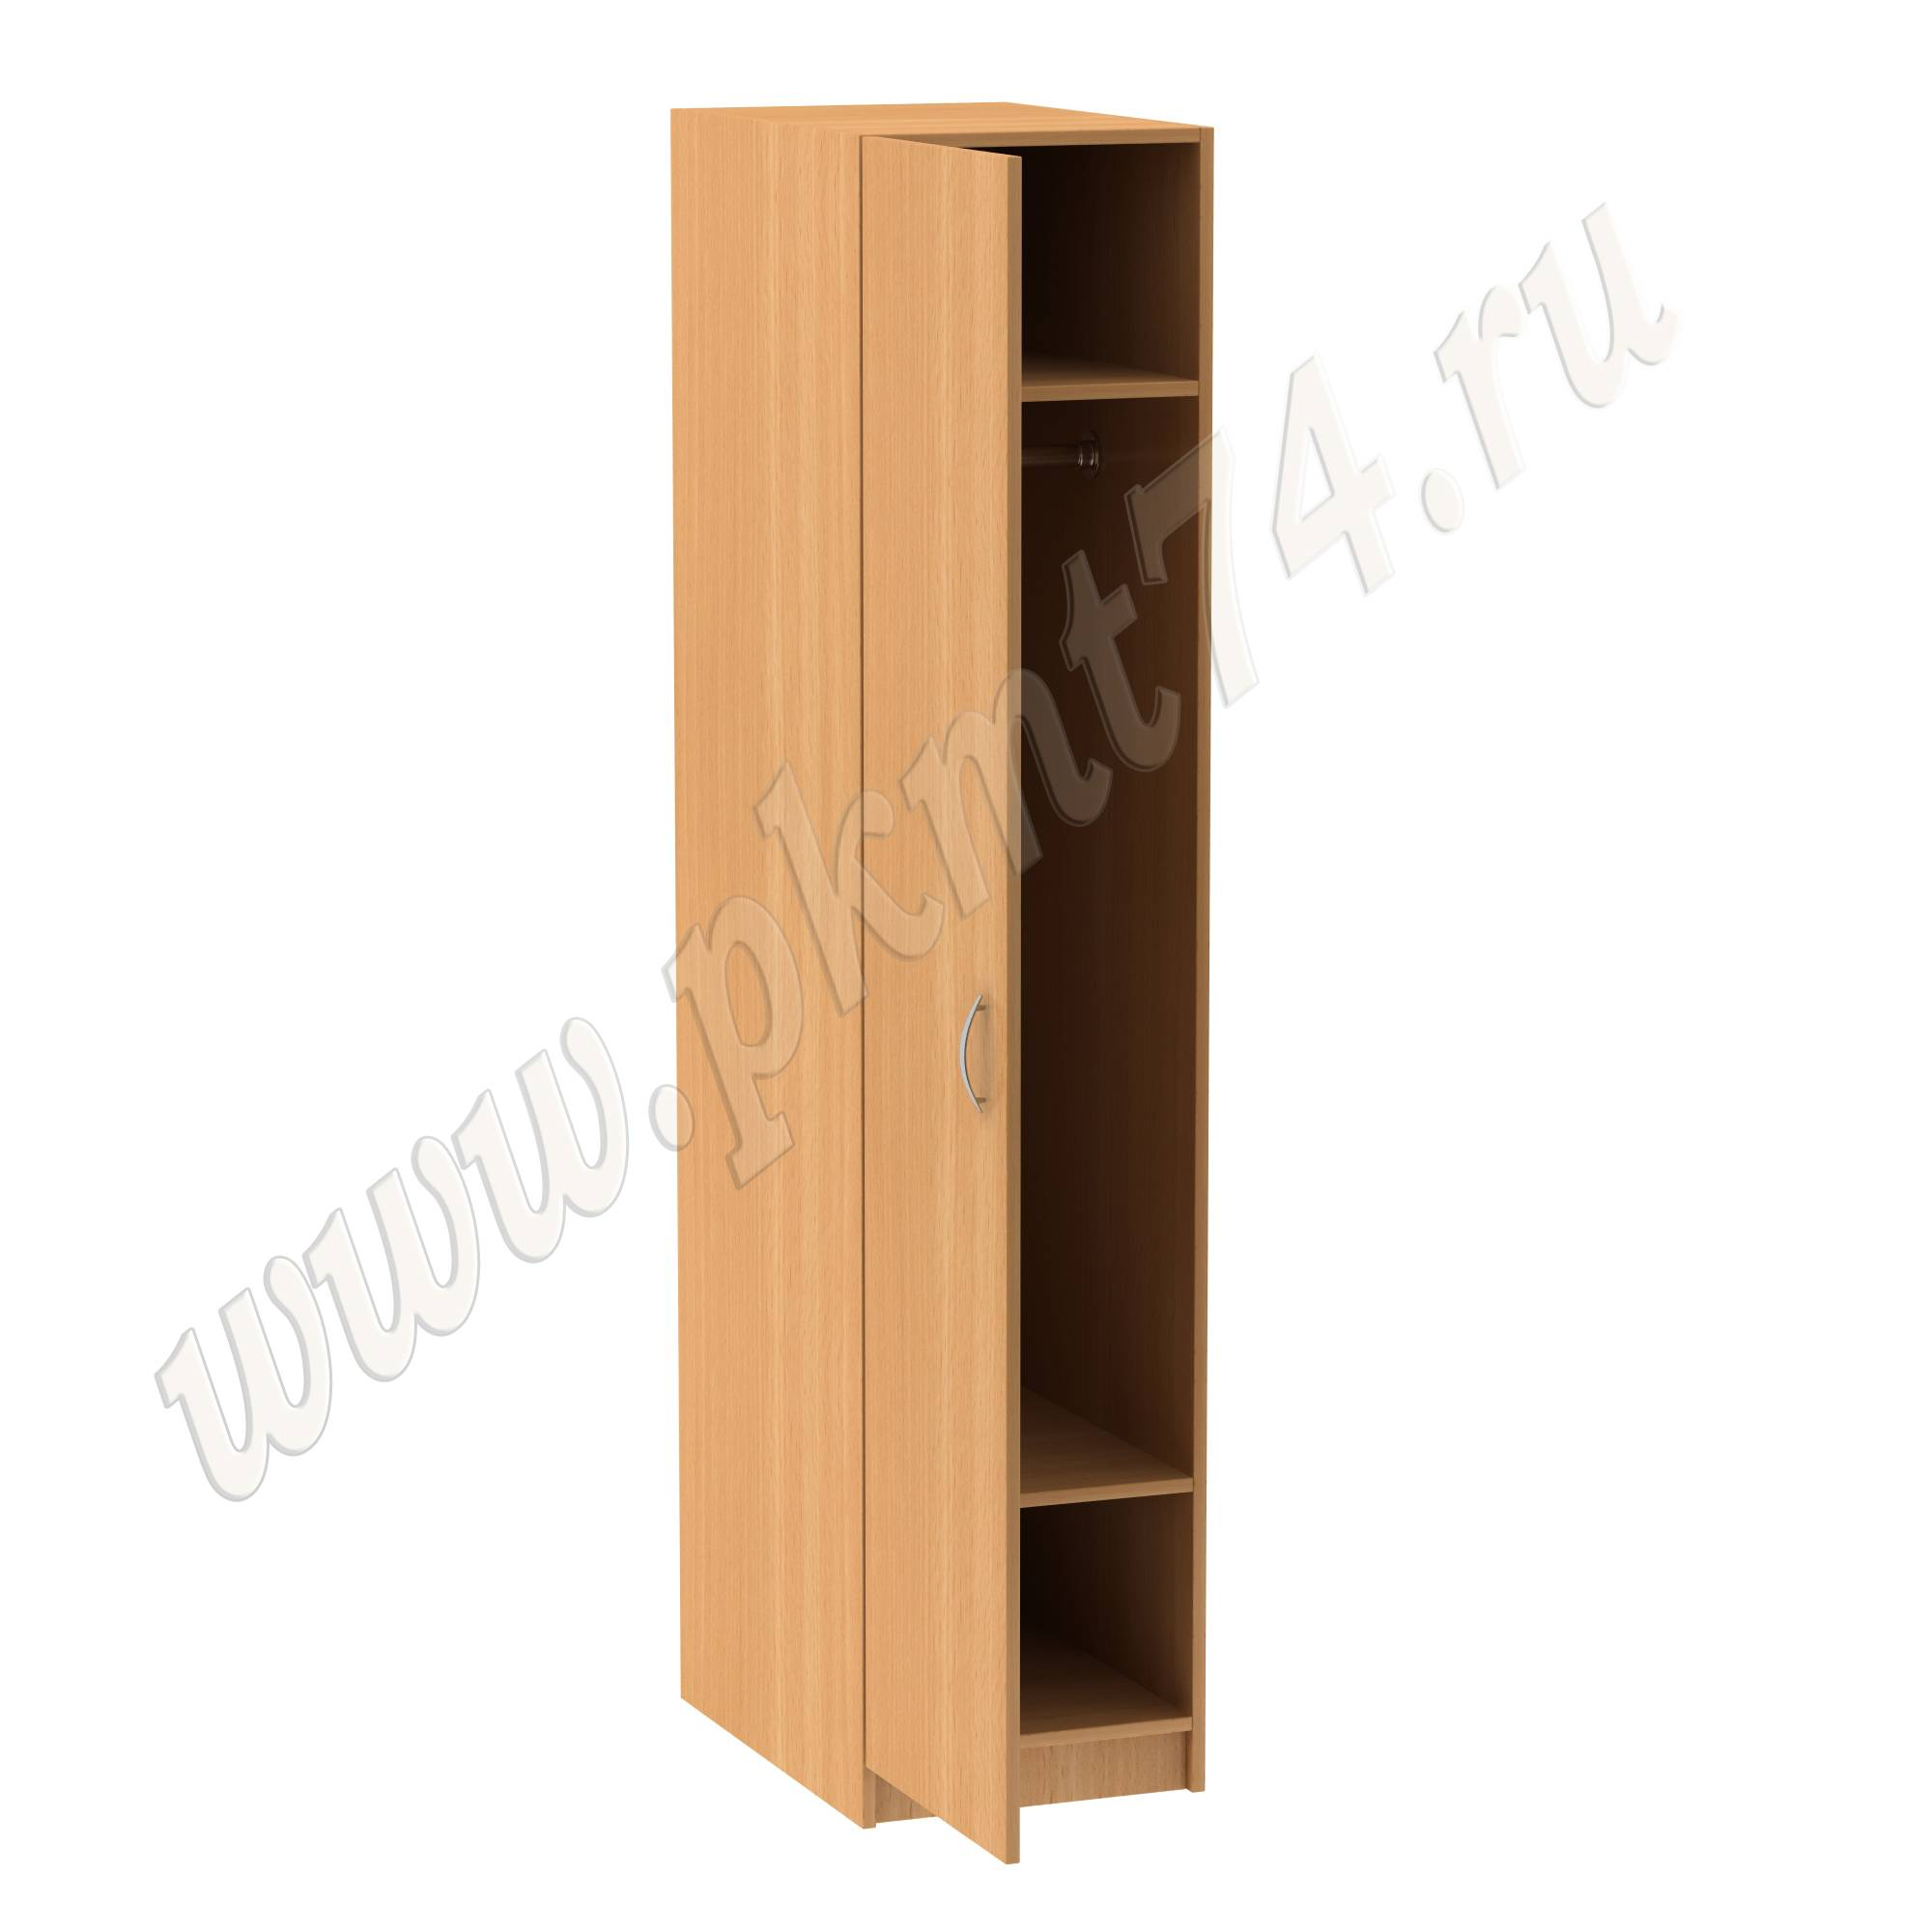 Шкаф для одежды с хромированной трубой МТ 14-8 Бук